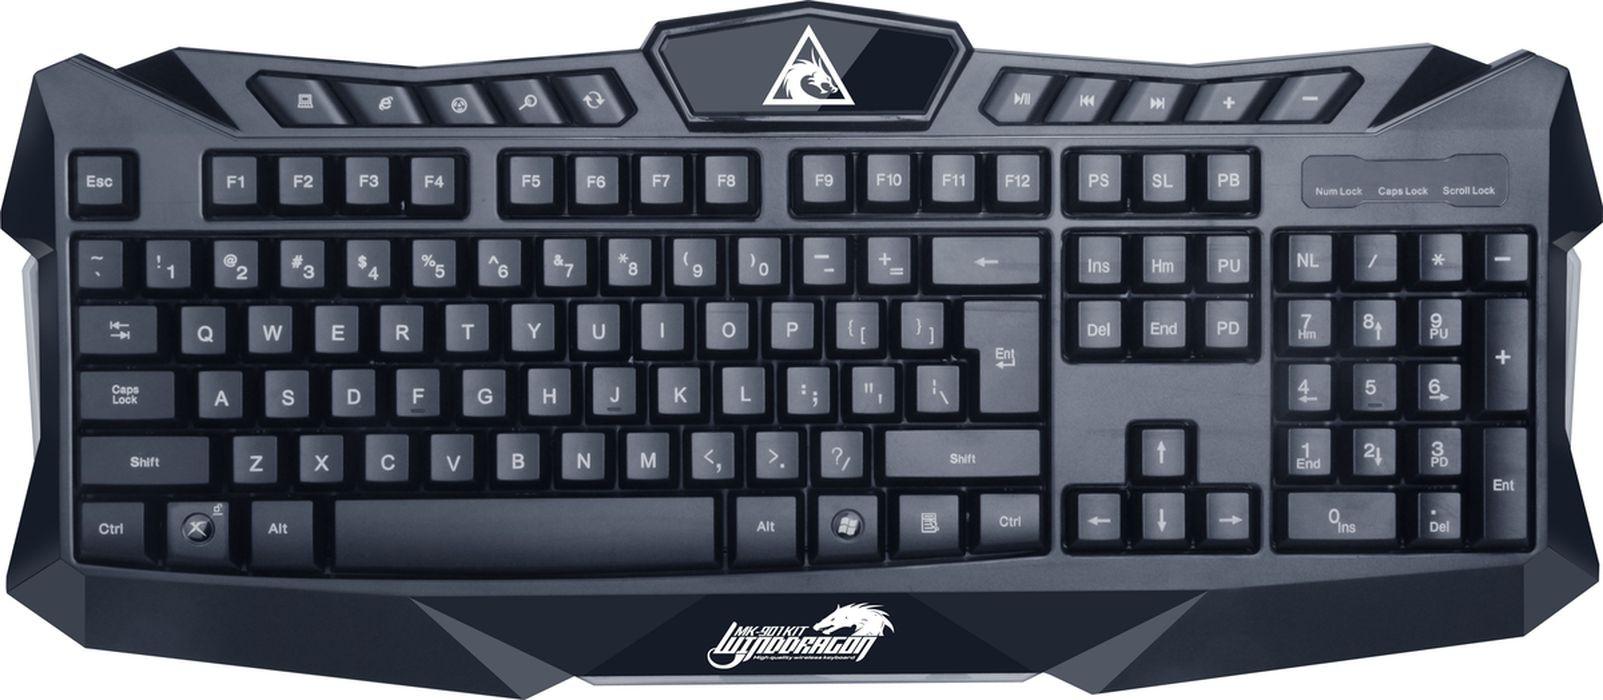 Xtrike Me MK-901KIT, Black игровая мышь + клавиатураMK-901KITБеспроводной игровой комплект: мультимедиа-клавиатура с 3-цветной подсветкой и беспроводная 6-кнопочная игровая мышь с 7-цветной циклической дышащей подсветкой